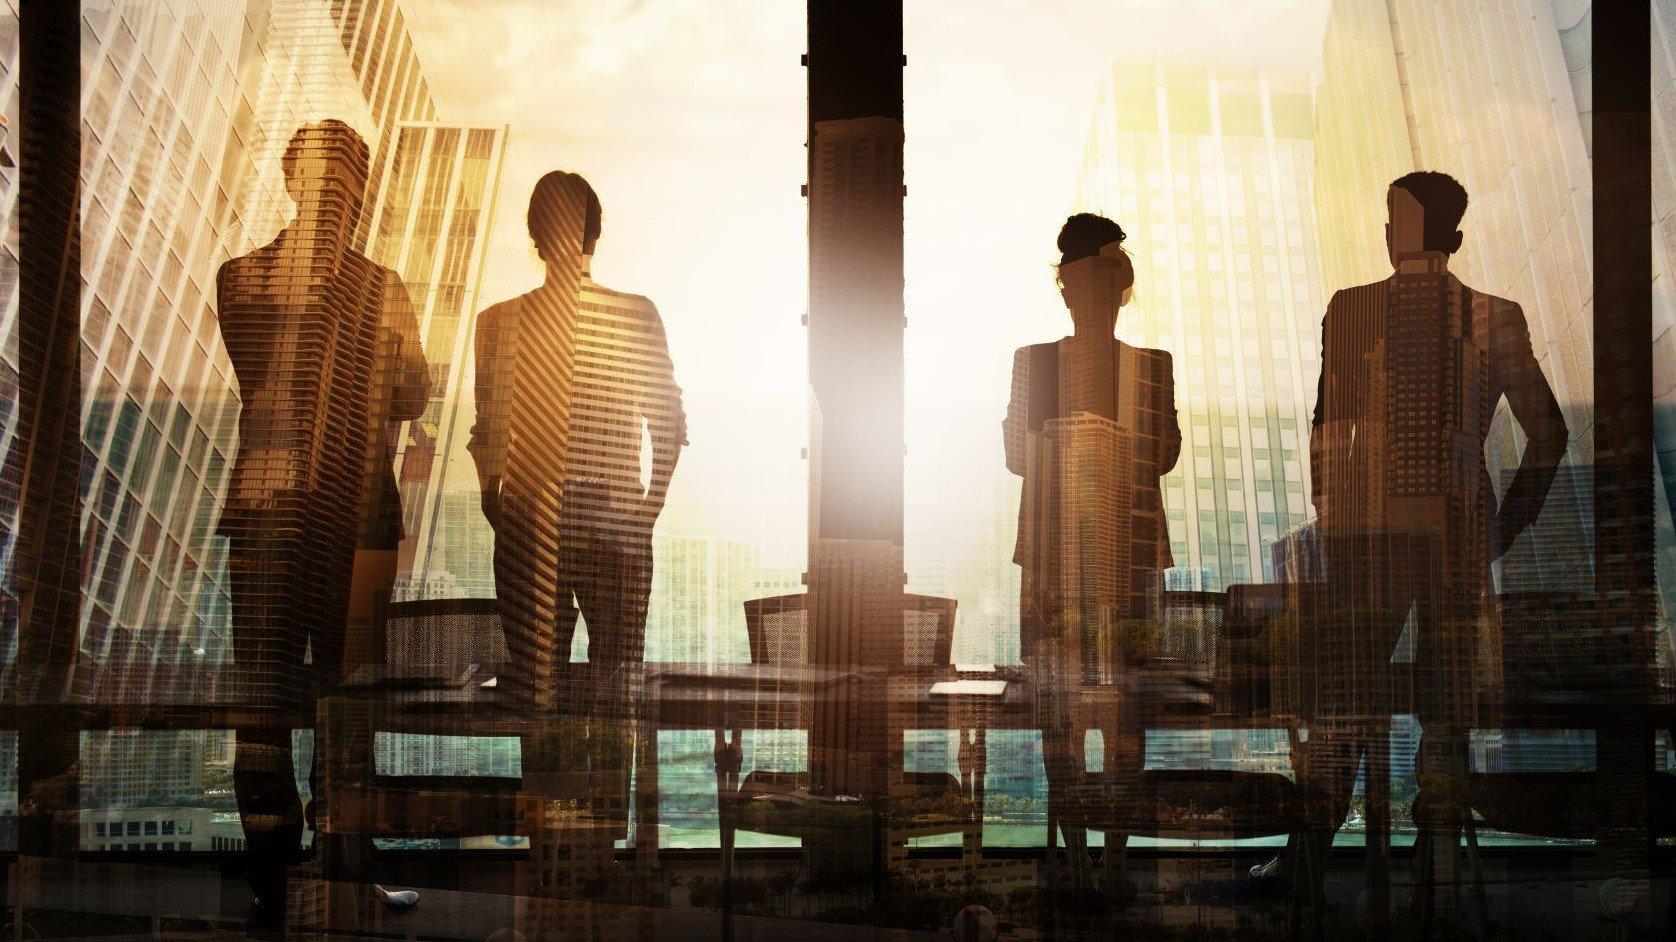 widescreen - Business partners